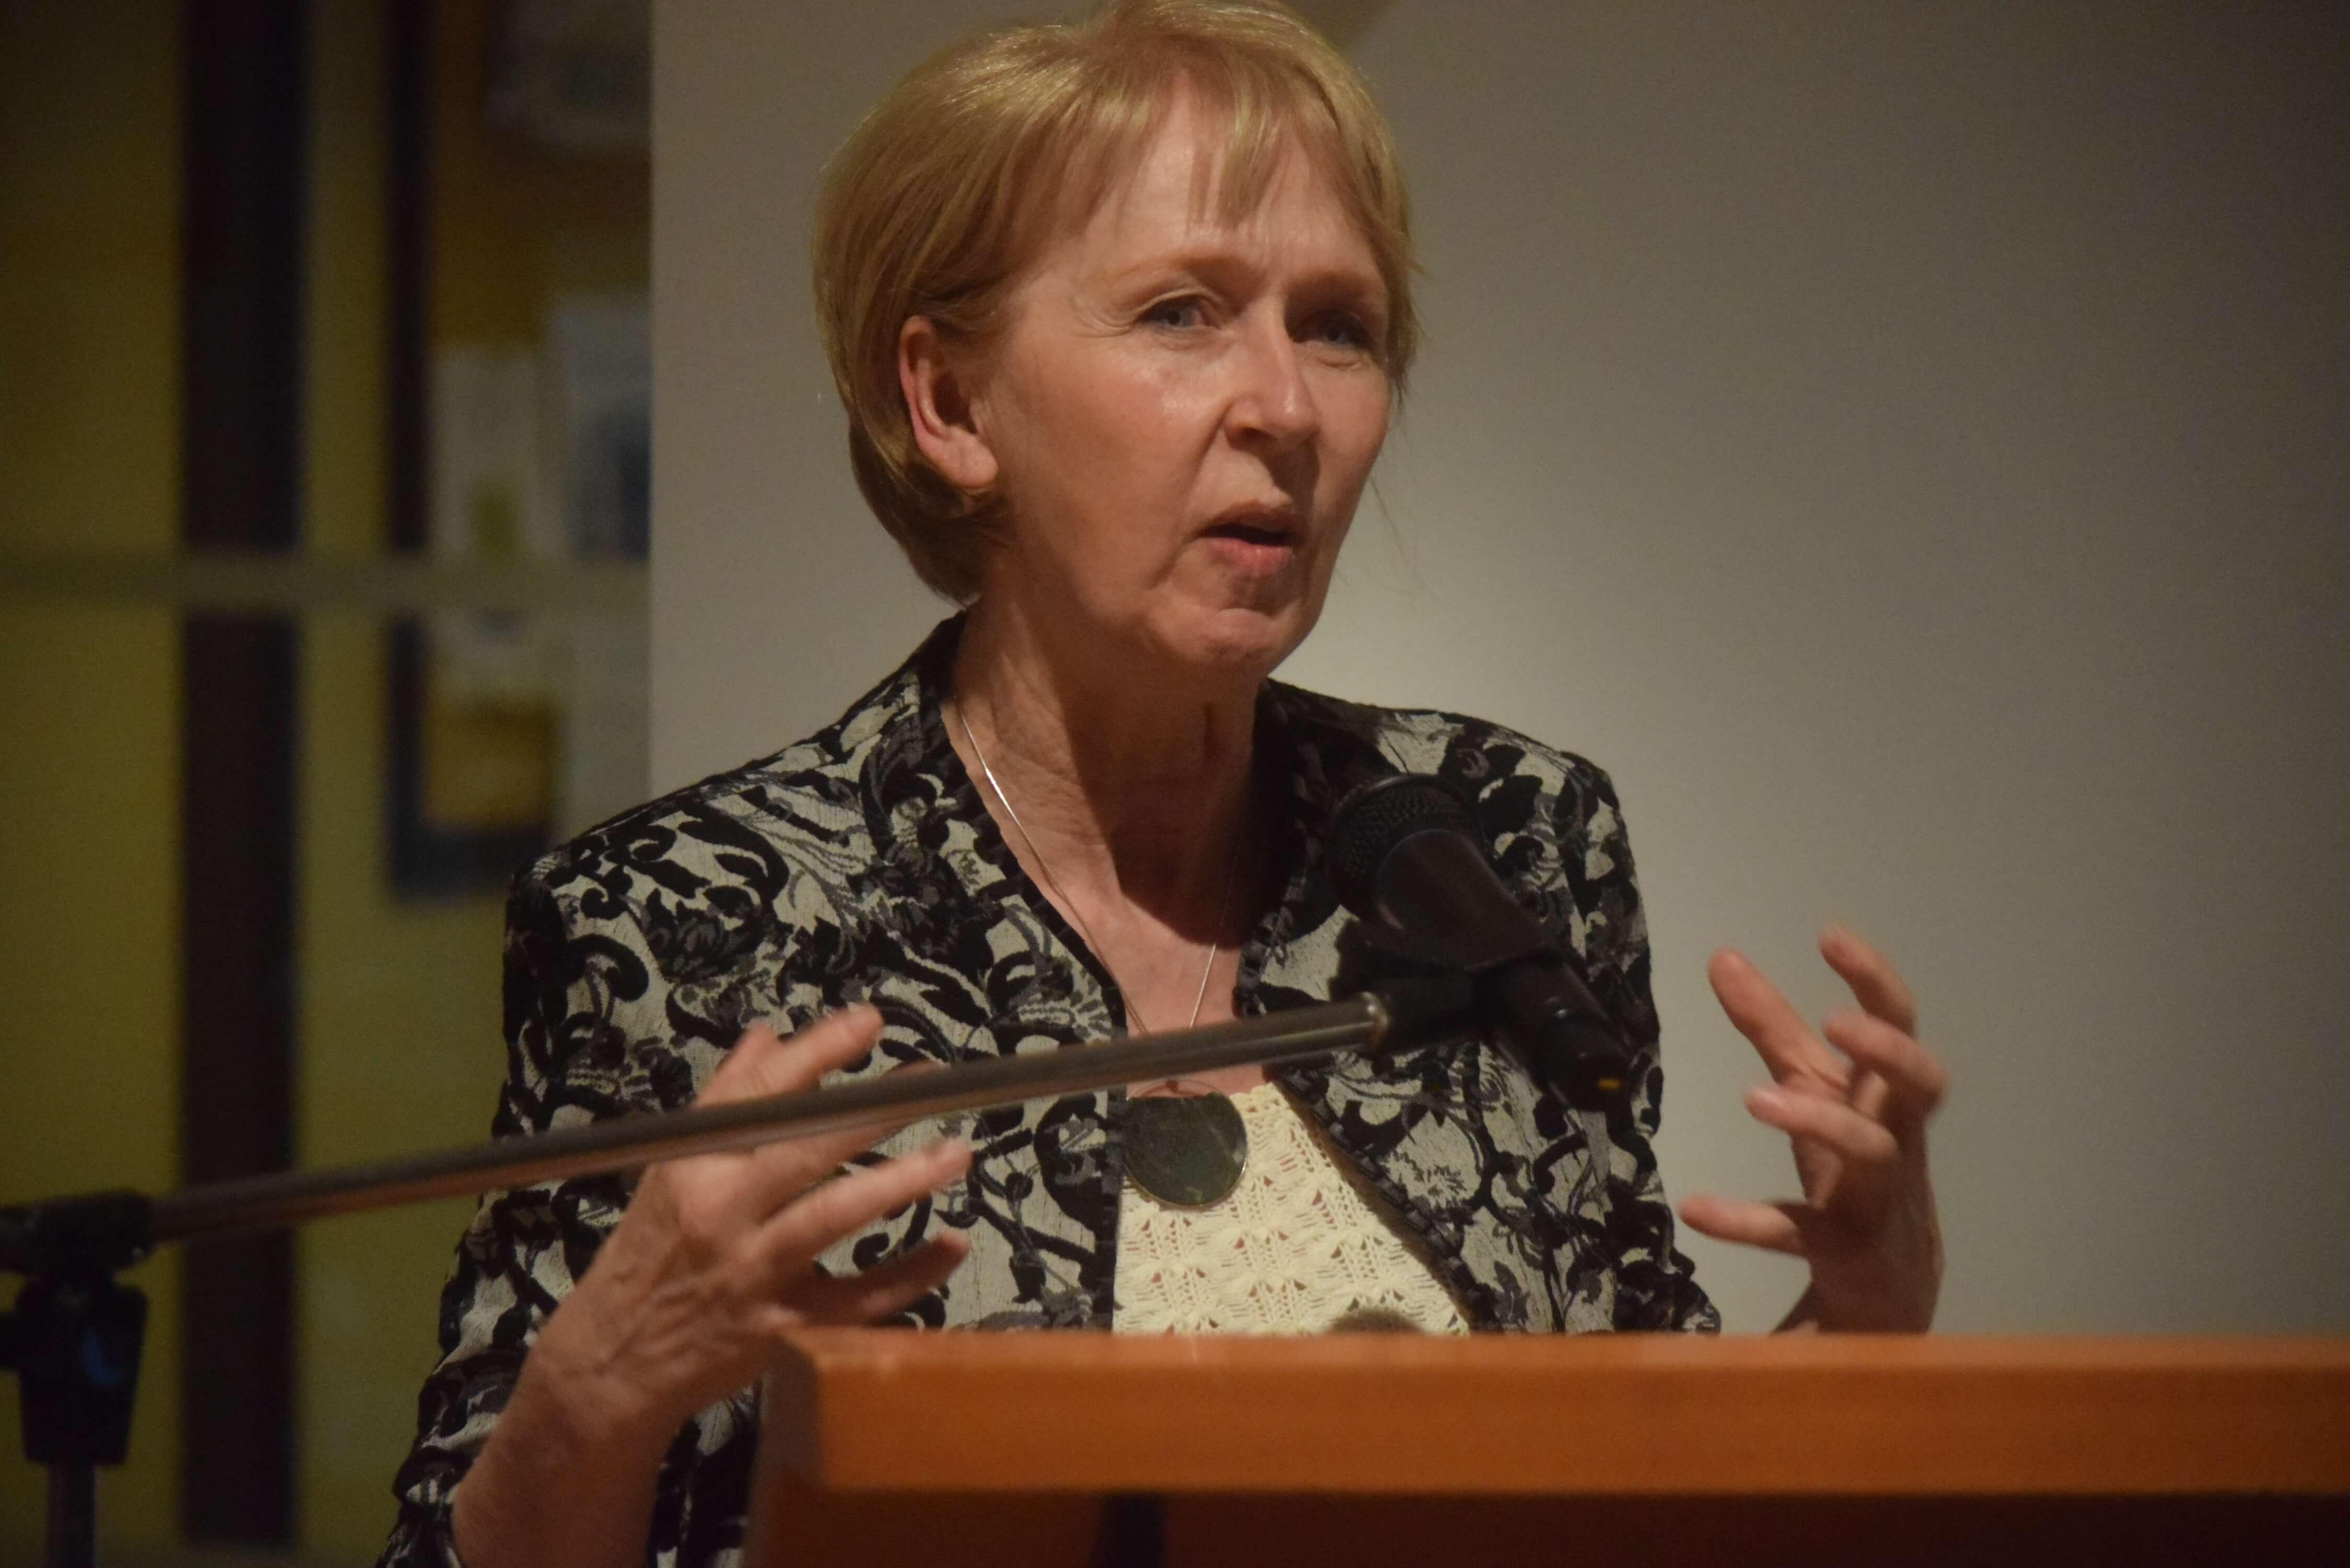 Joanne Poitras